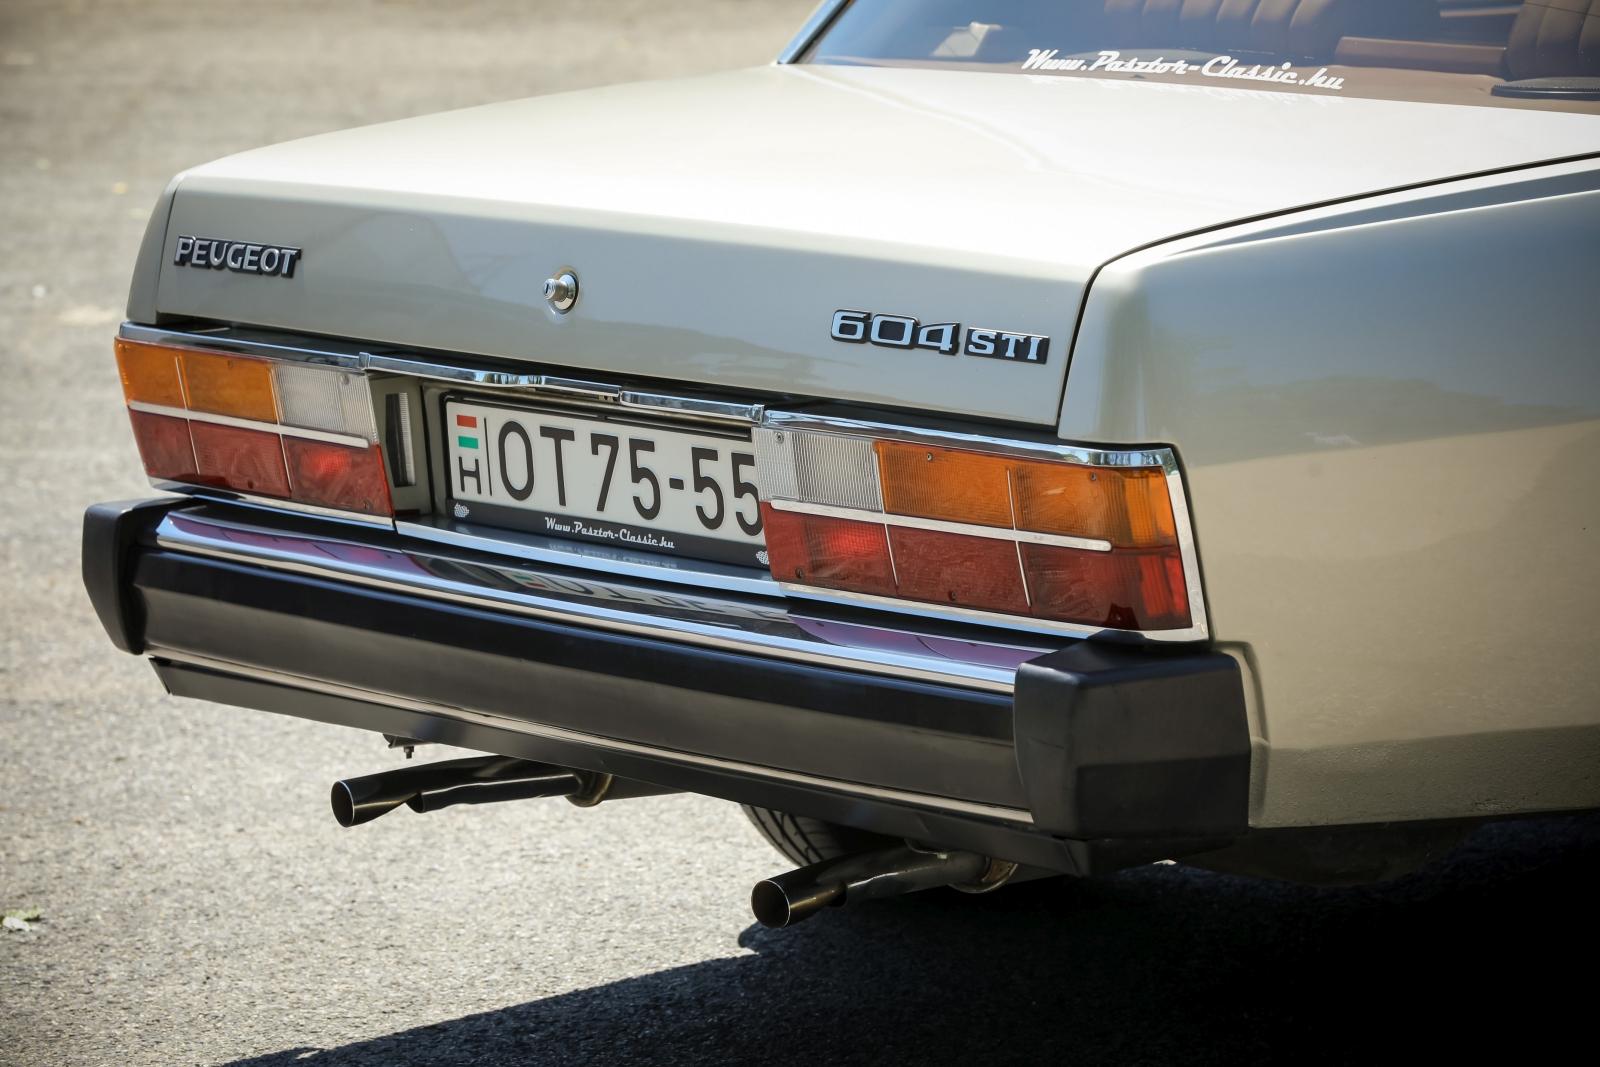 Peugeot_604-0431